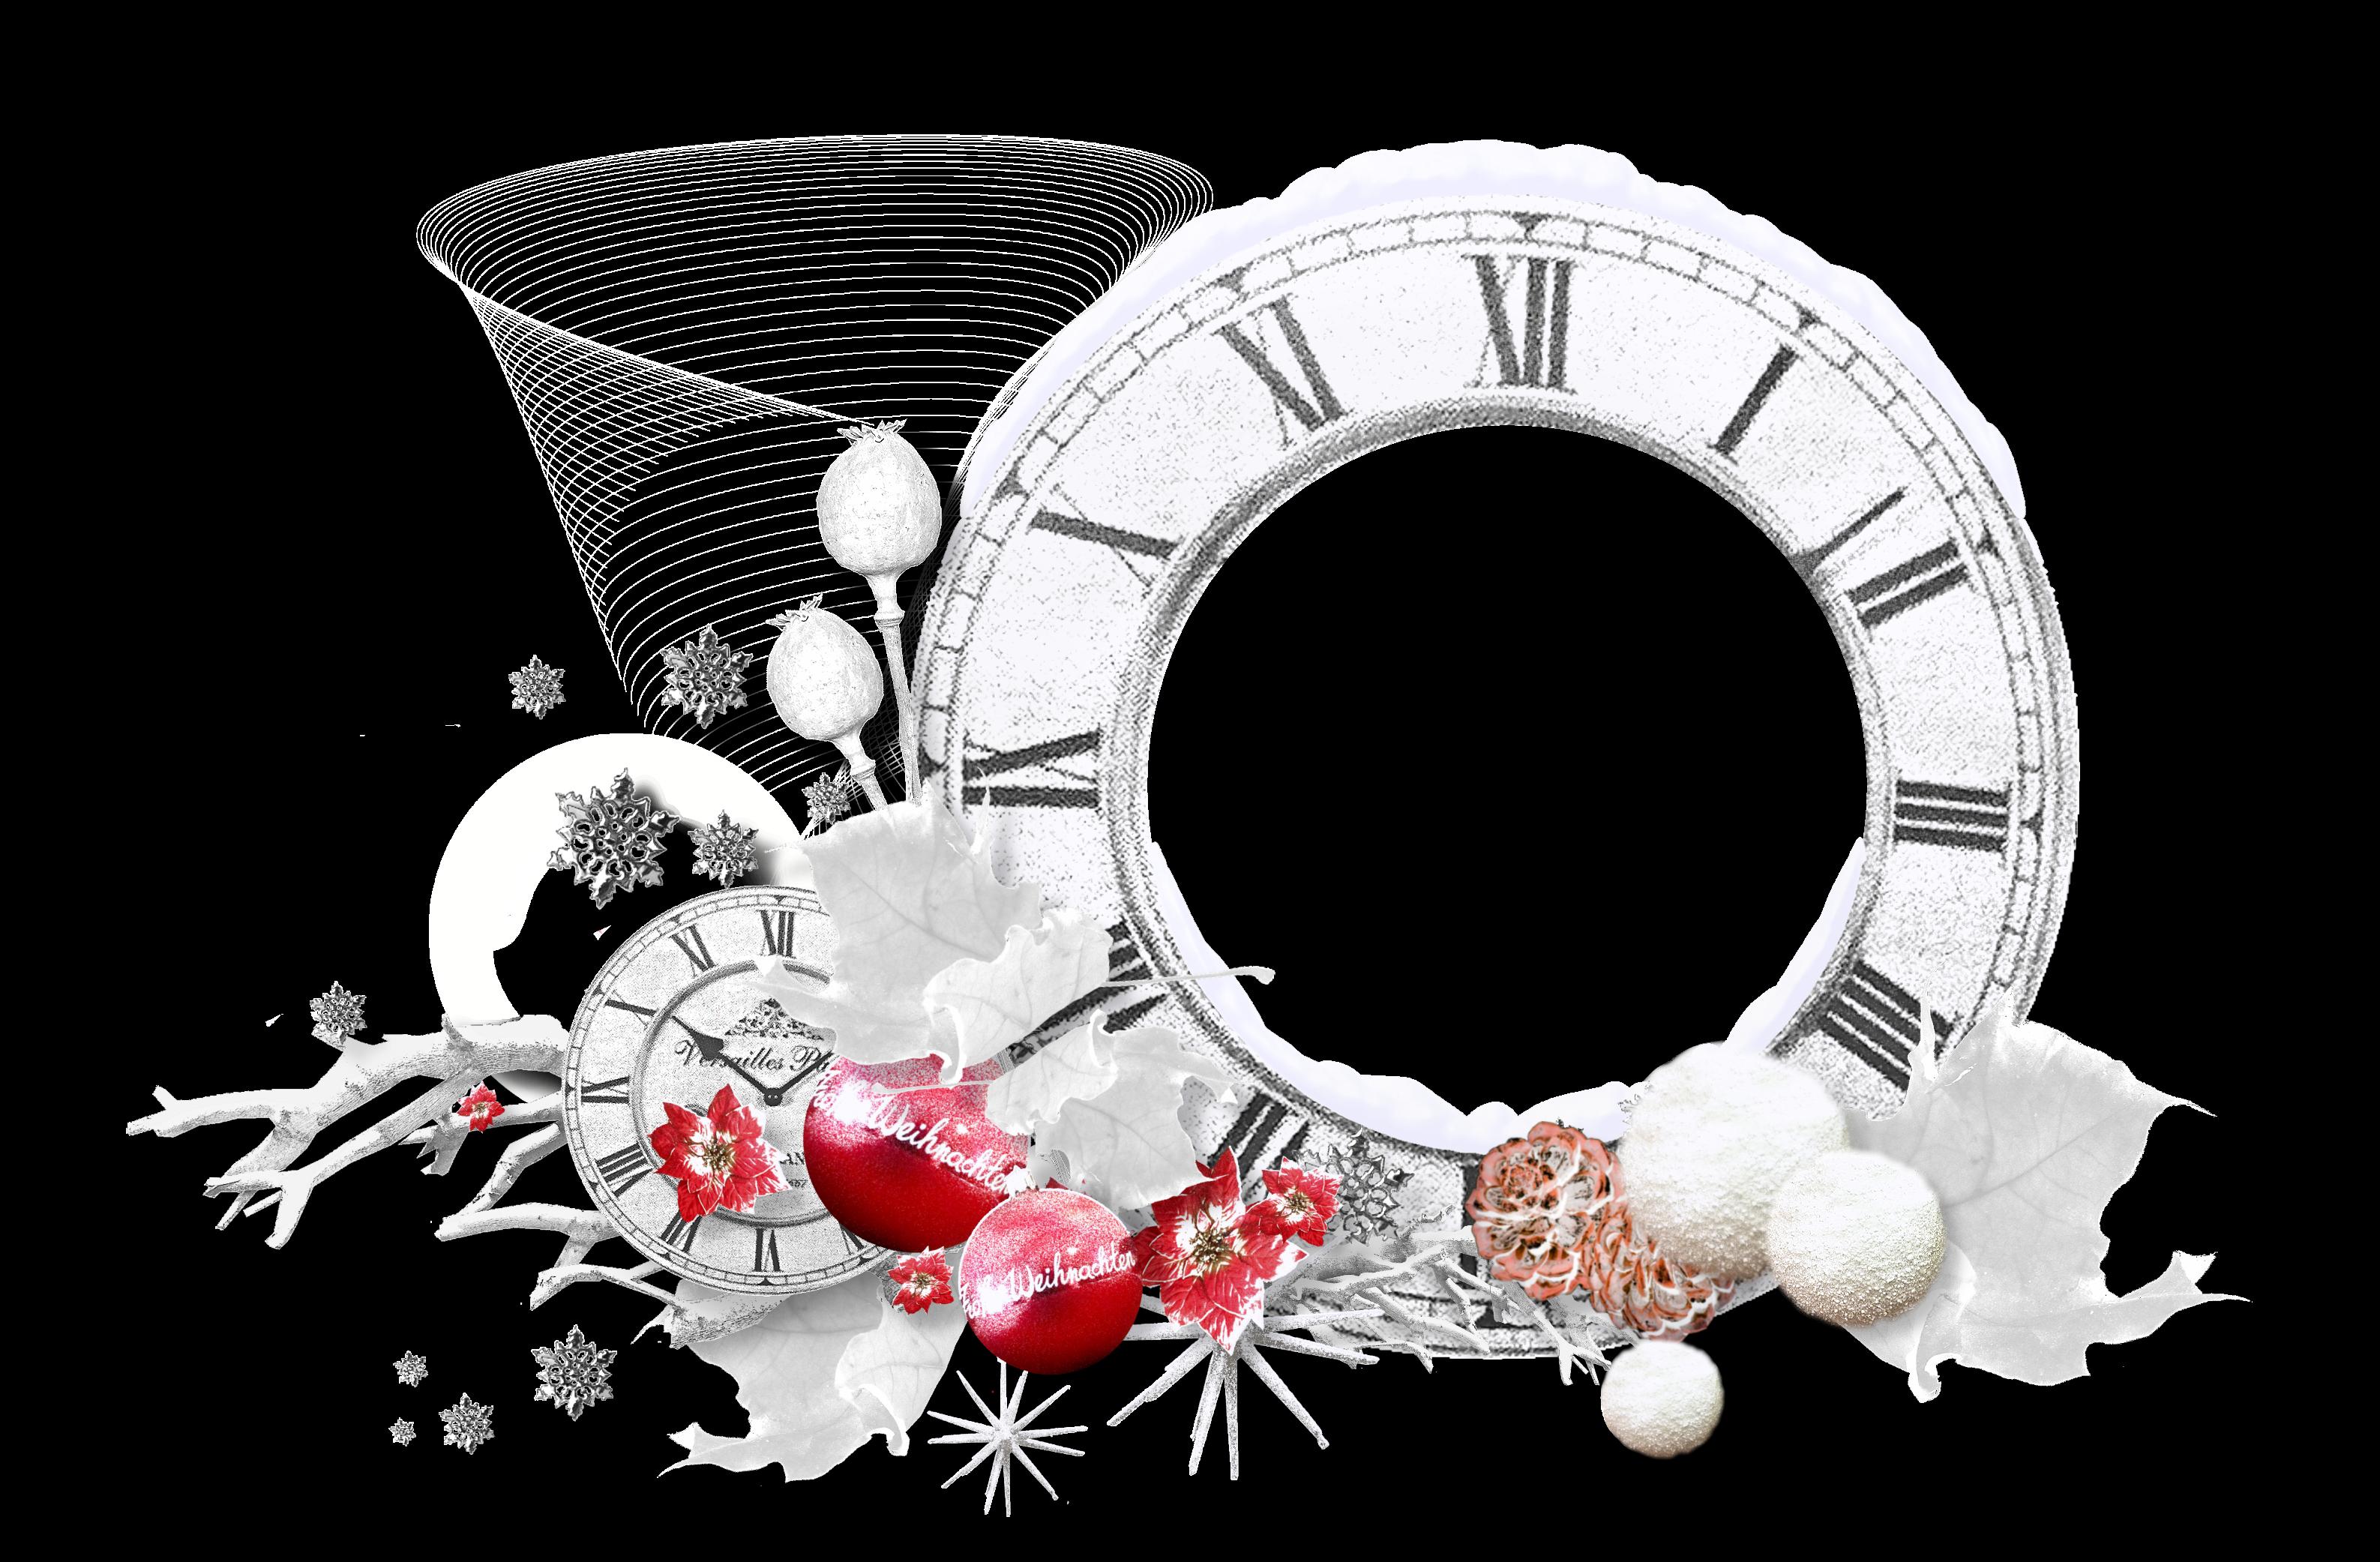 цвета фасада новогодние часы рамка картинки многие другие